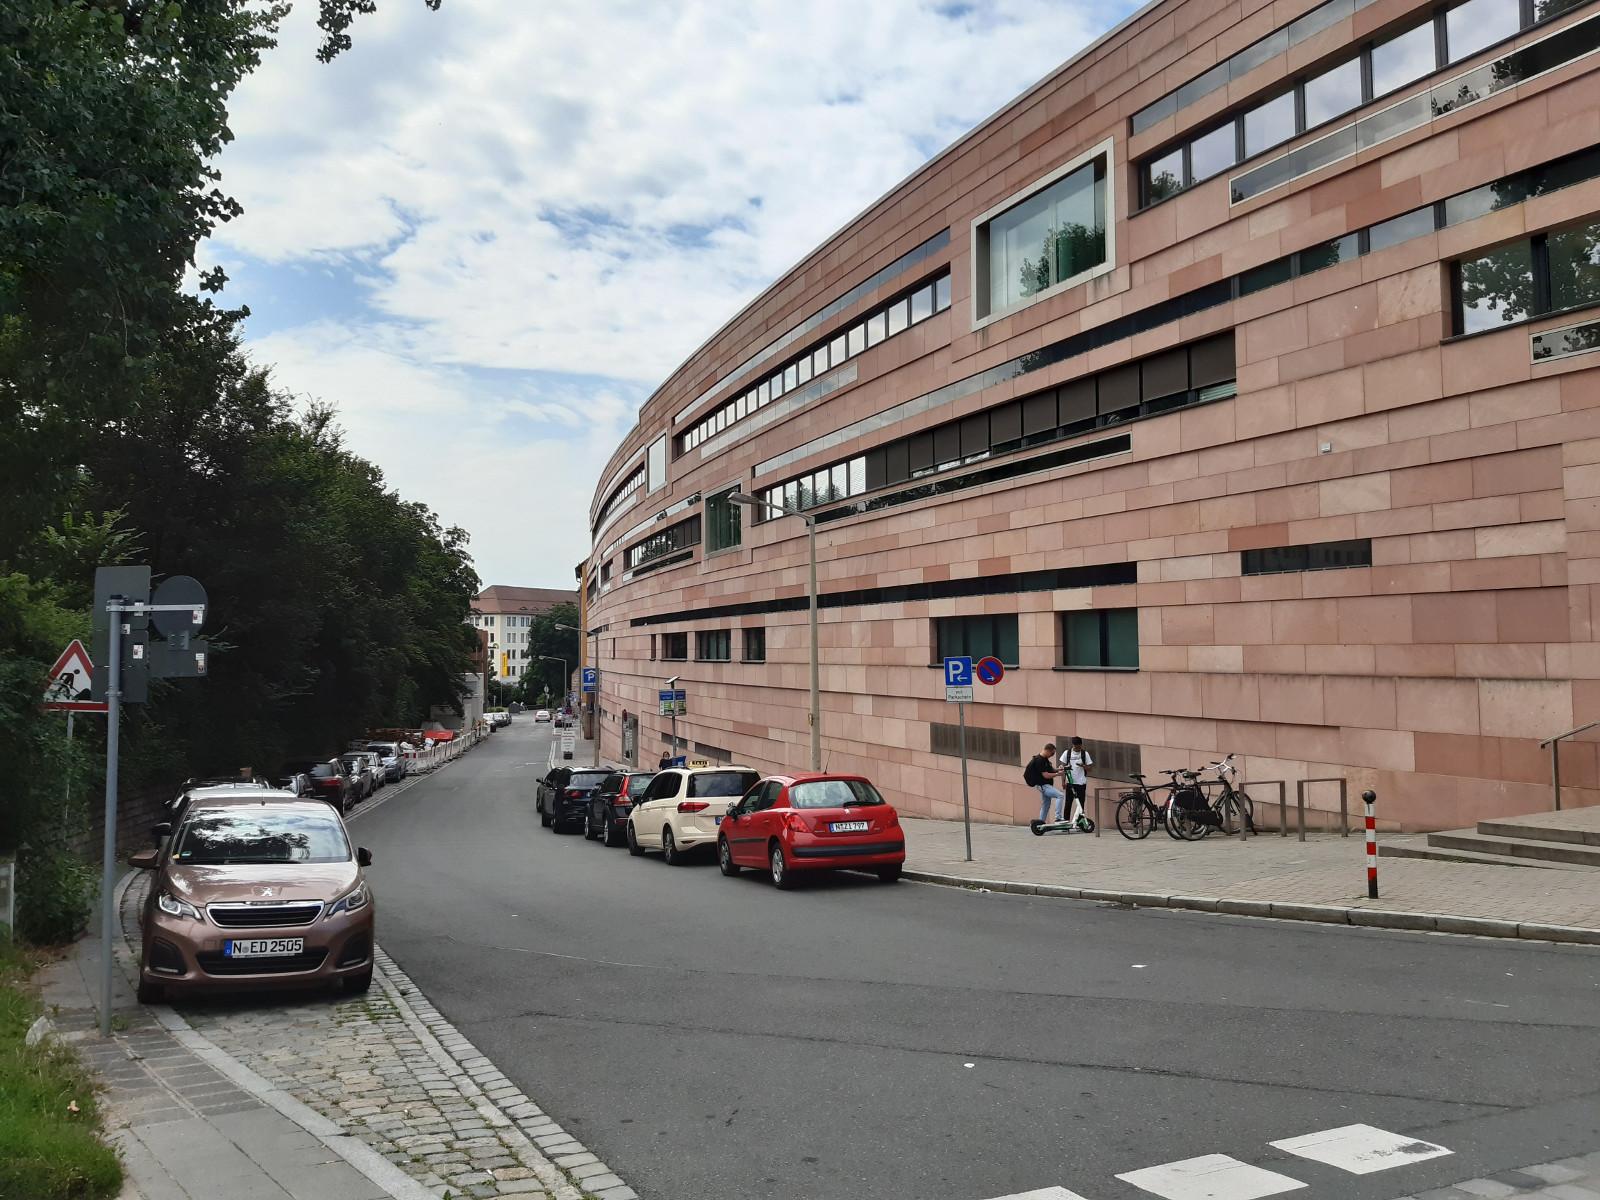 2021-09-07-03-50-16-2Laufertormauer.jpg - Atelier Haberbosch Nürnberg